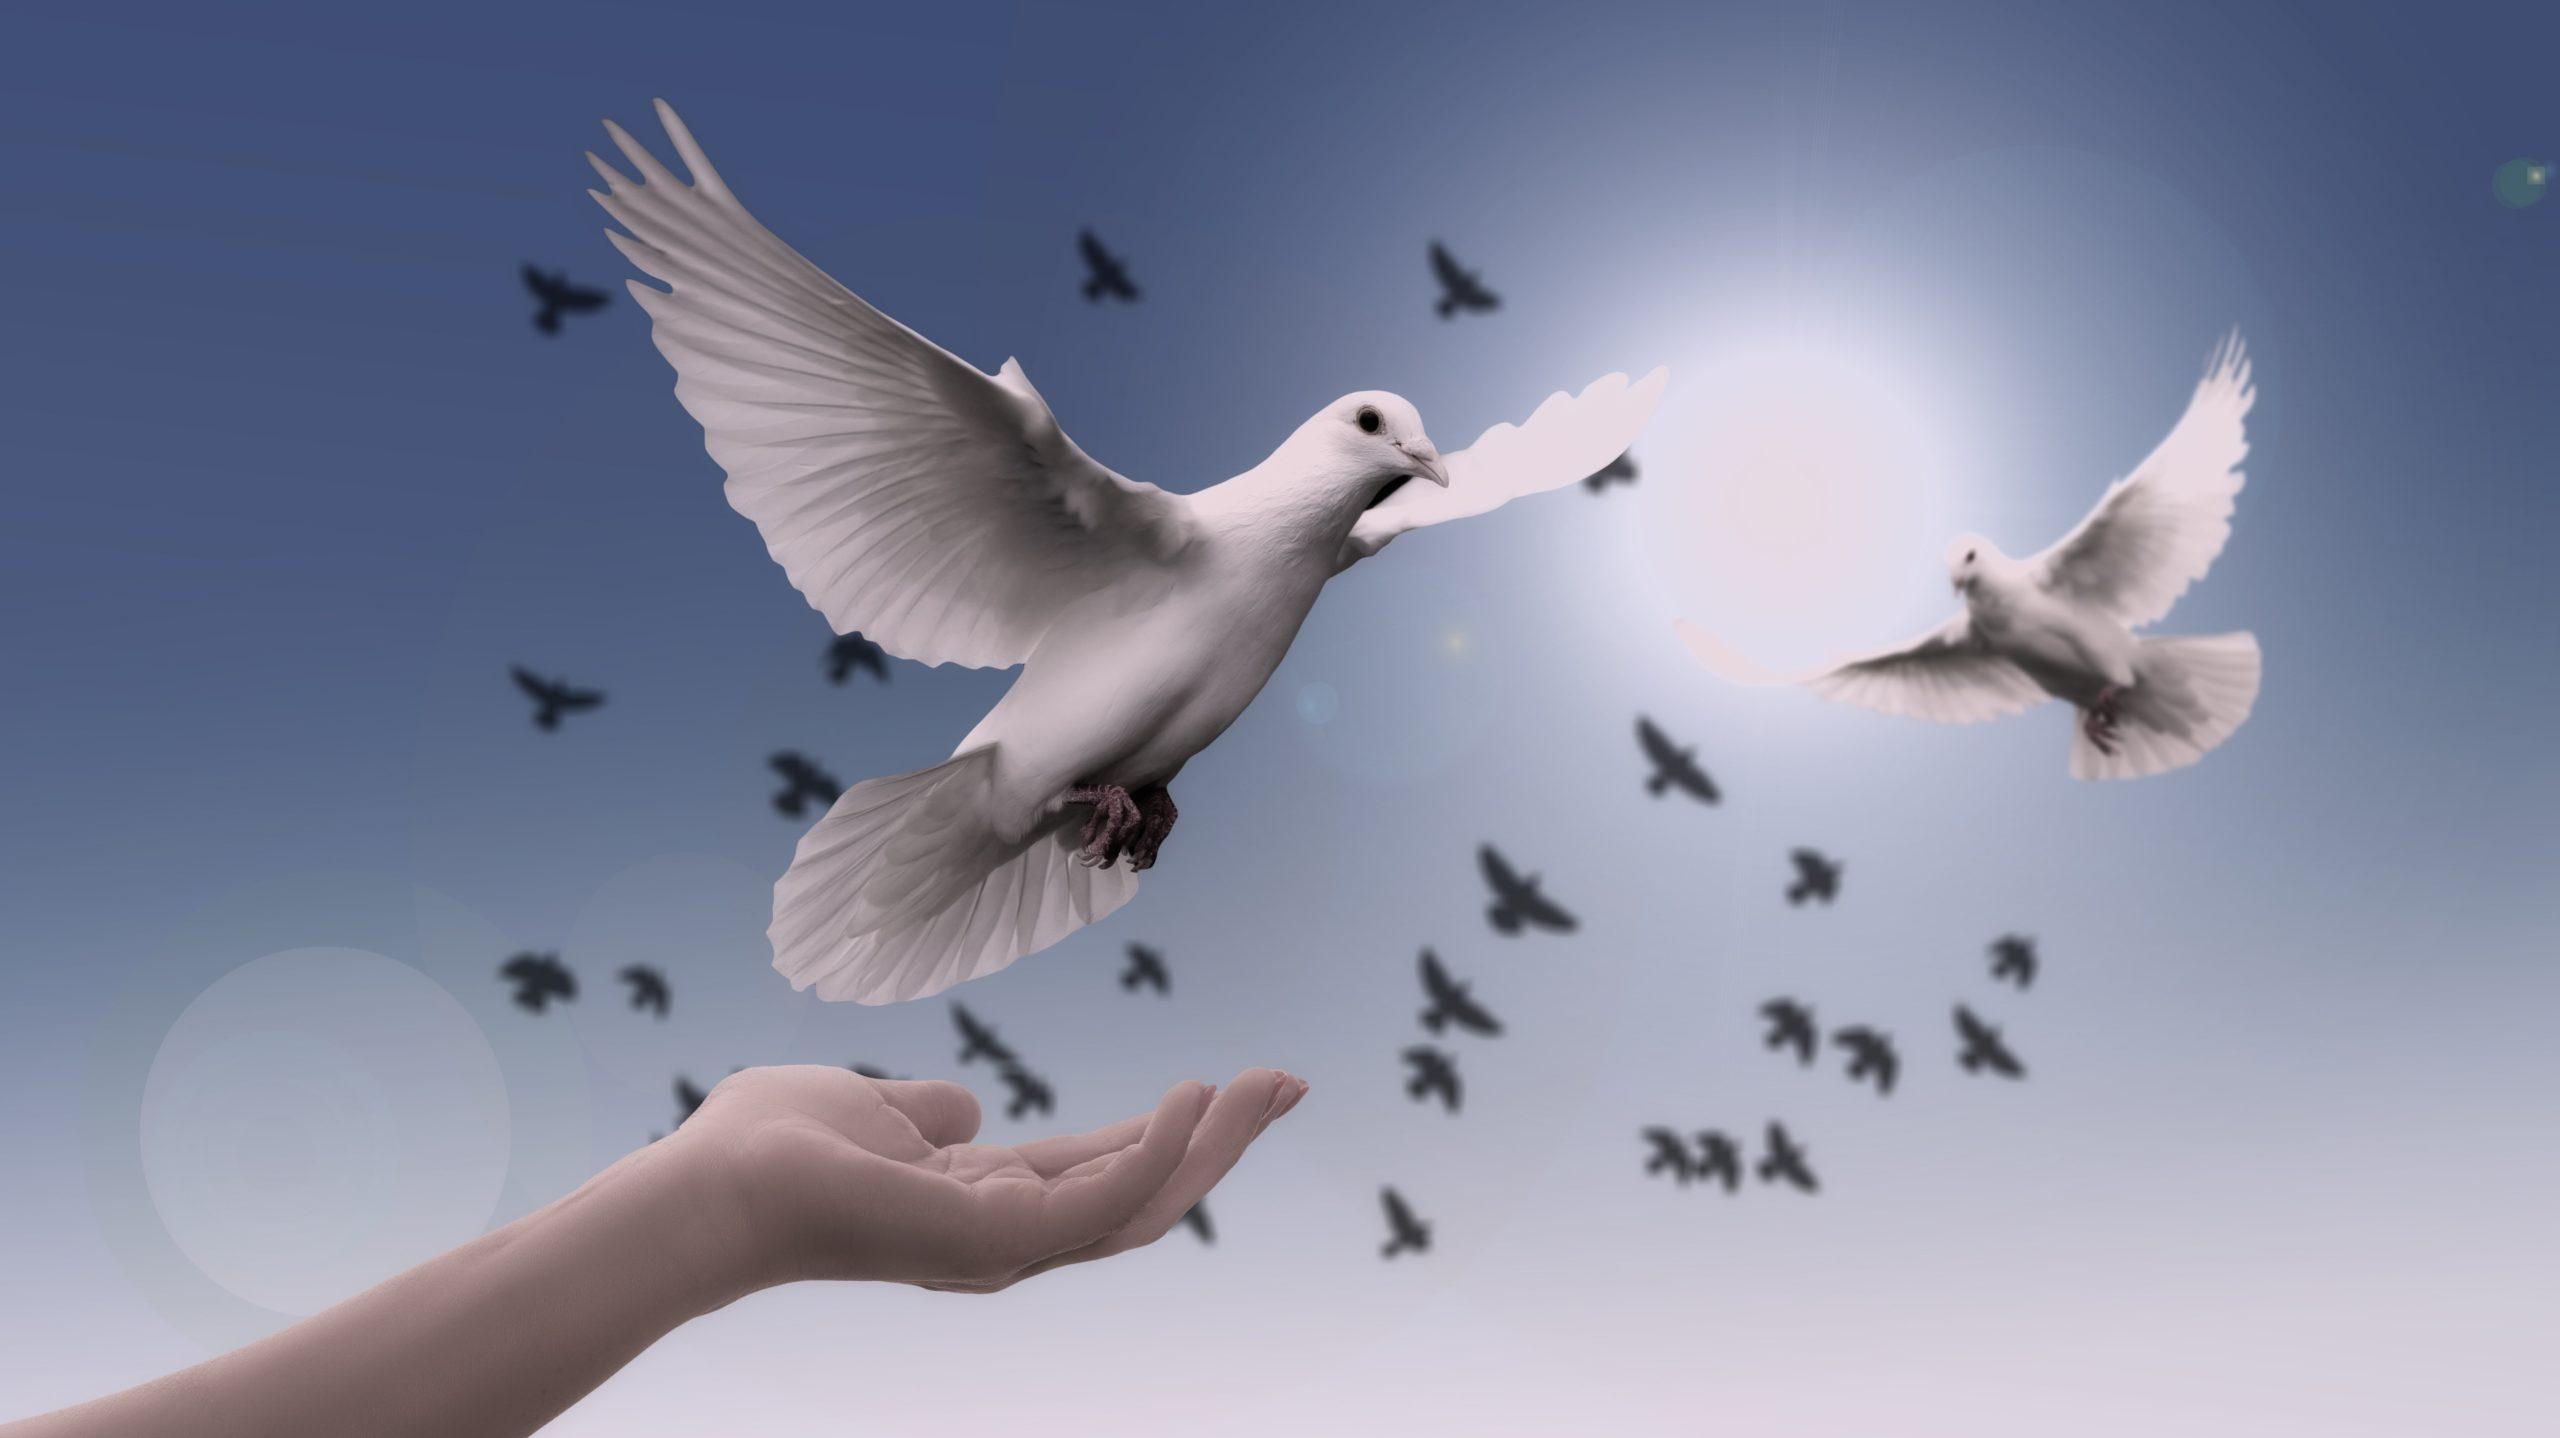 Von einer Hand auffliegende Taube und im Sonnenlicht kreisende Tauben als Symbol Freude, Kraft und Freiheit durch Ressourcenaktivierung und kreative Lösungen